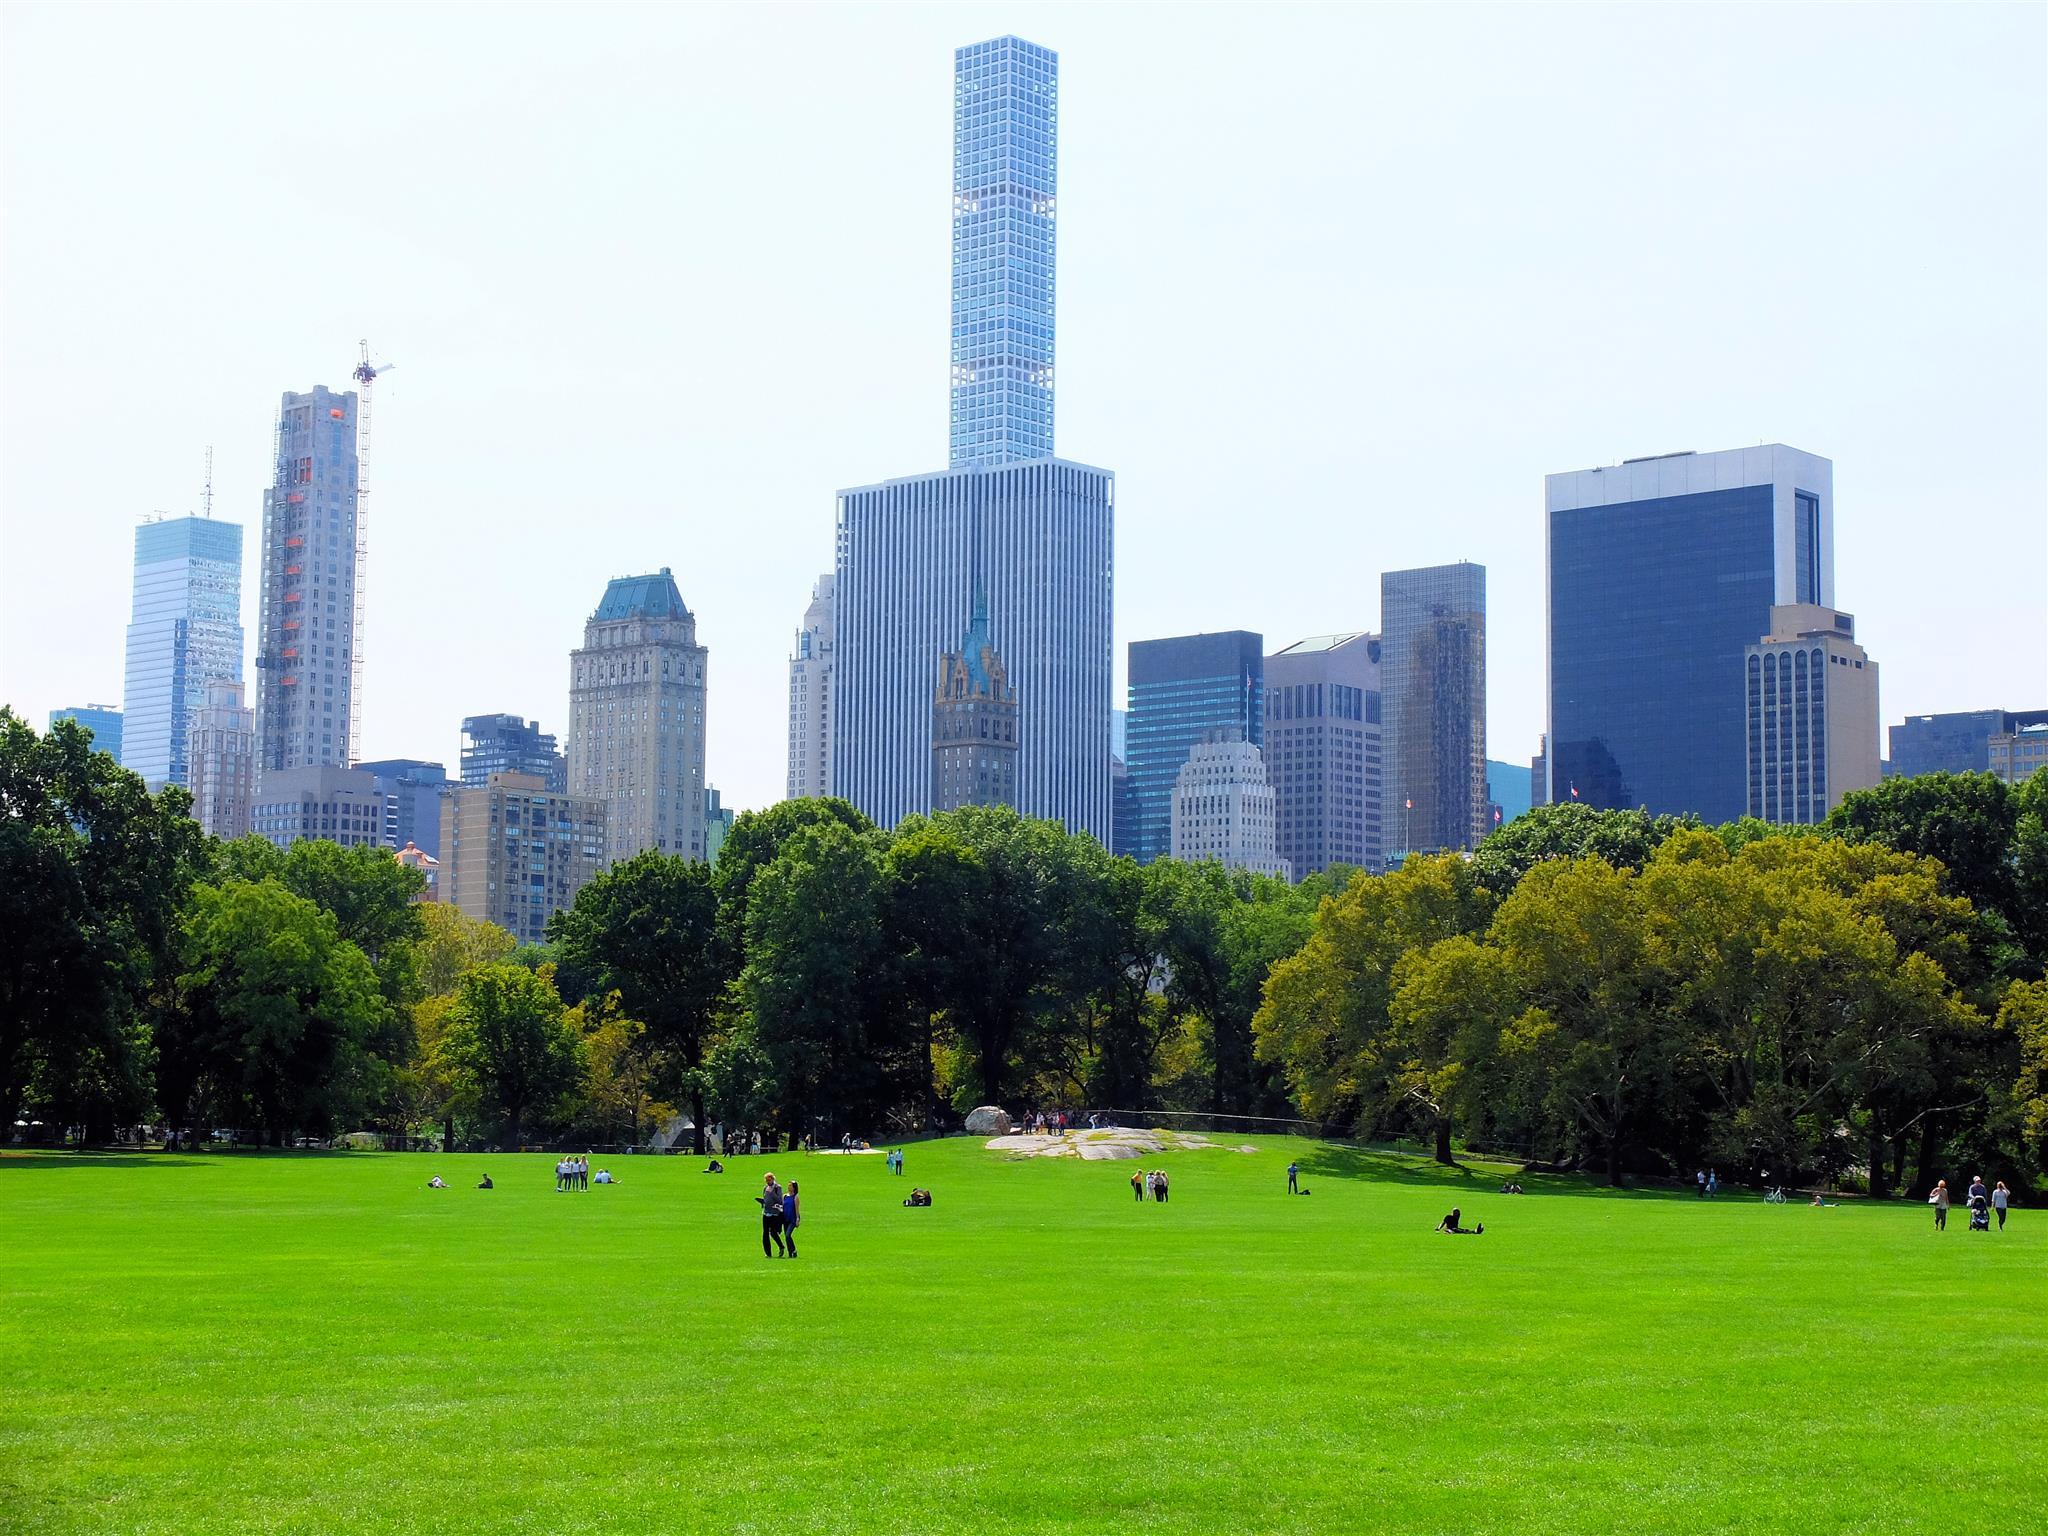 guia básico de nova york, central park